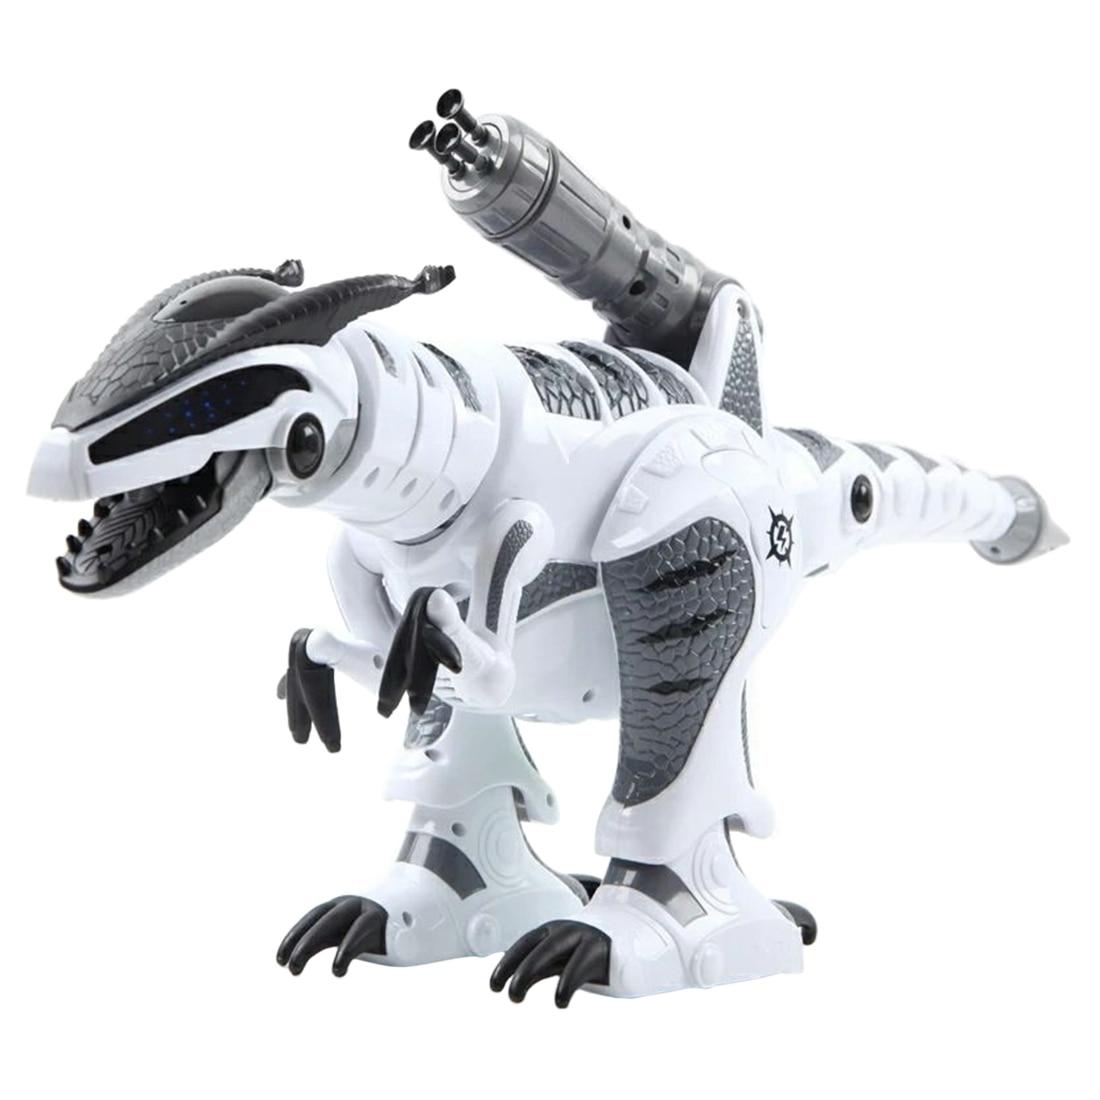 RC Robot dinosaure intelligent interactif tactile-sensible début jouet éducatif marche danse chantant avec Mode de combat pour enfants cadeau